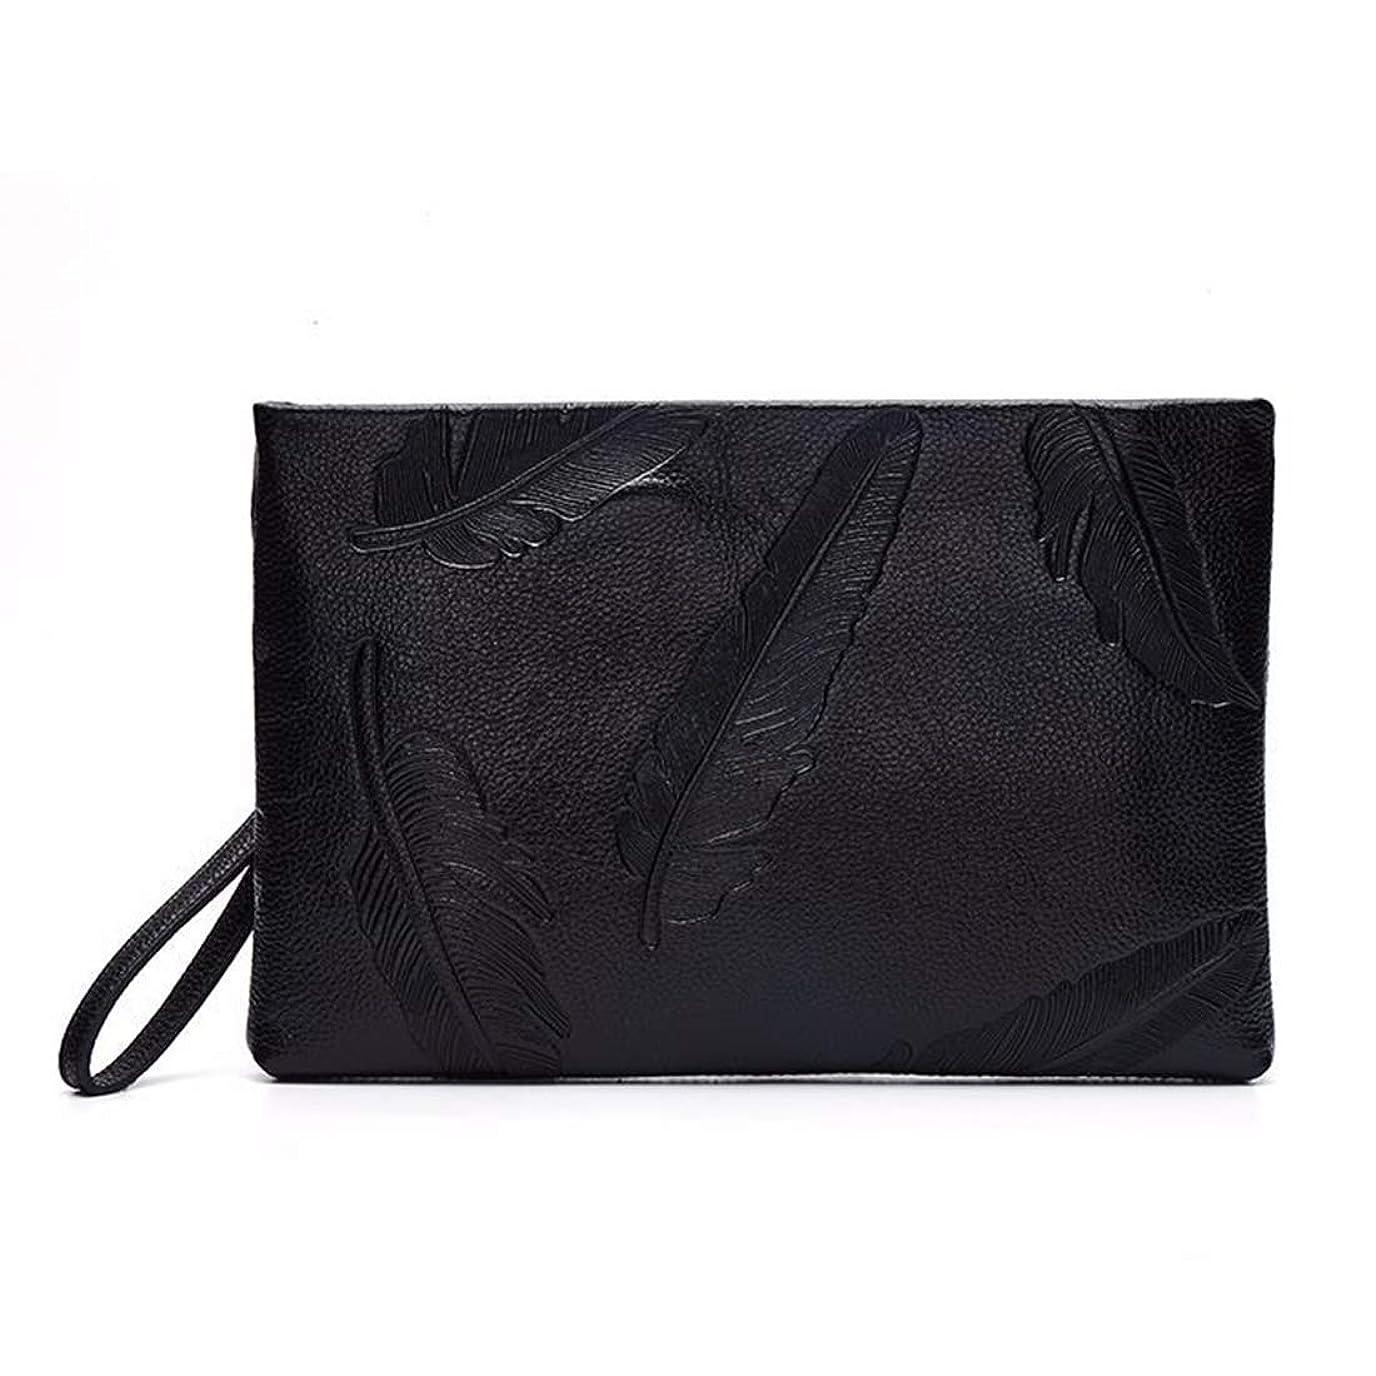 代わりにペストリーうなる手袋 封筒袋 おしゃれな 合成皮革 セカンドバッグ クラッチバッグ シンプル 高級感 大容量 クラッチ 軽量 撥水